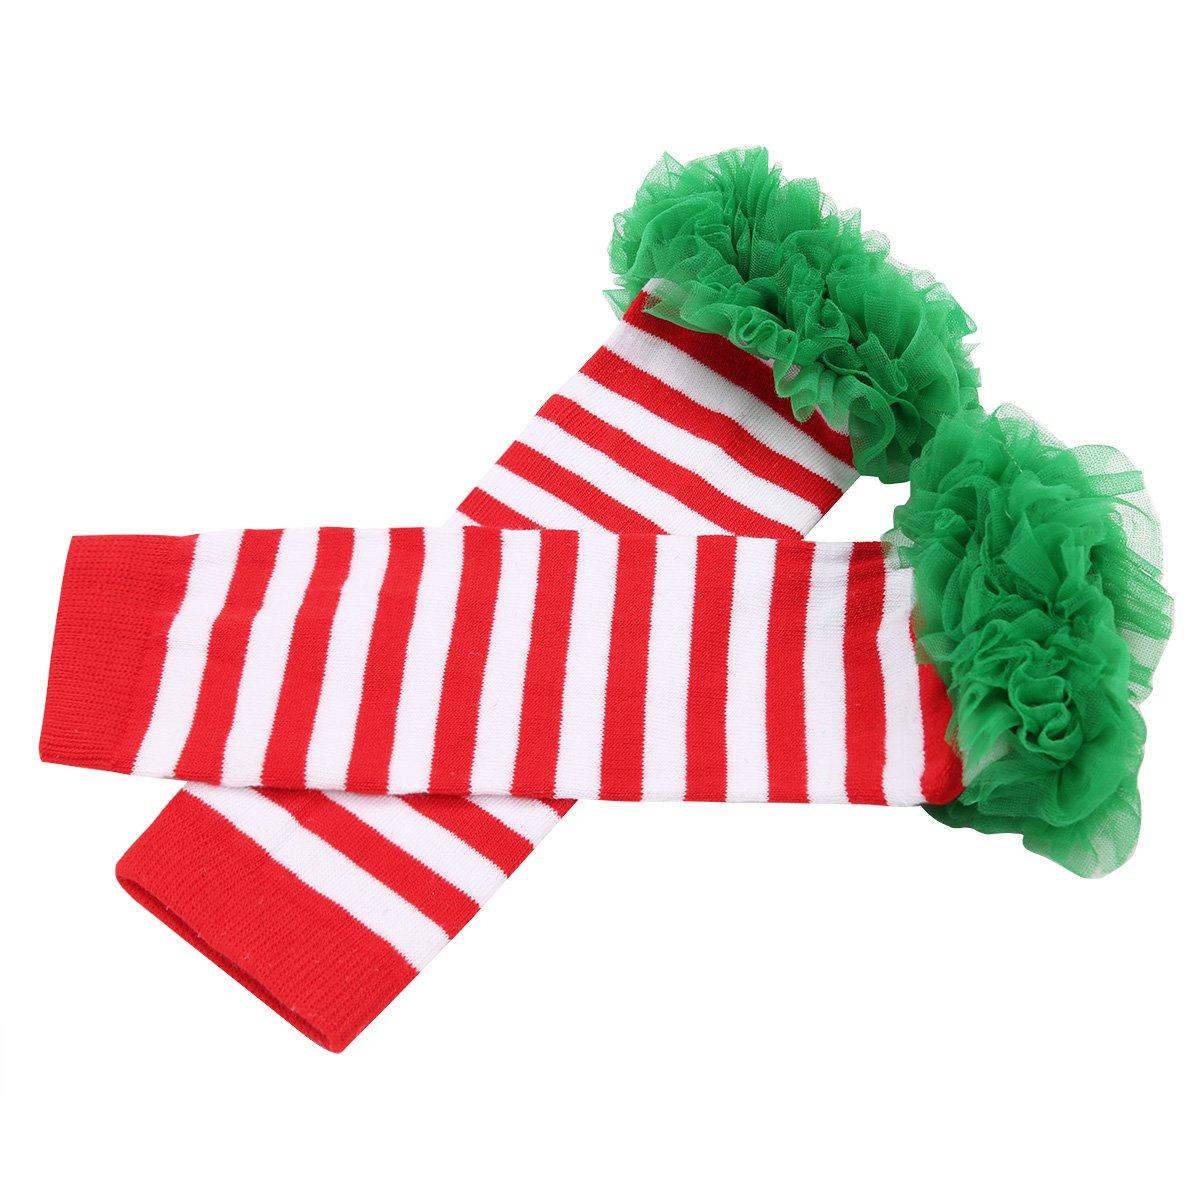 FEESHOW Enfant B/éb/é Fille Jambi/ère /épaississement Garde au chaud en Coton Souple Gu/être Adorable Chaud avec Bandeau /élastique chaussette